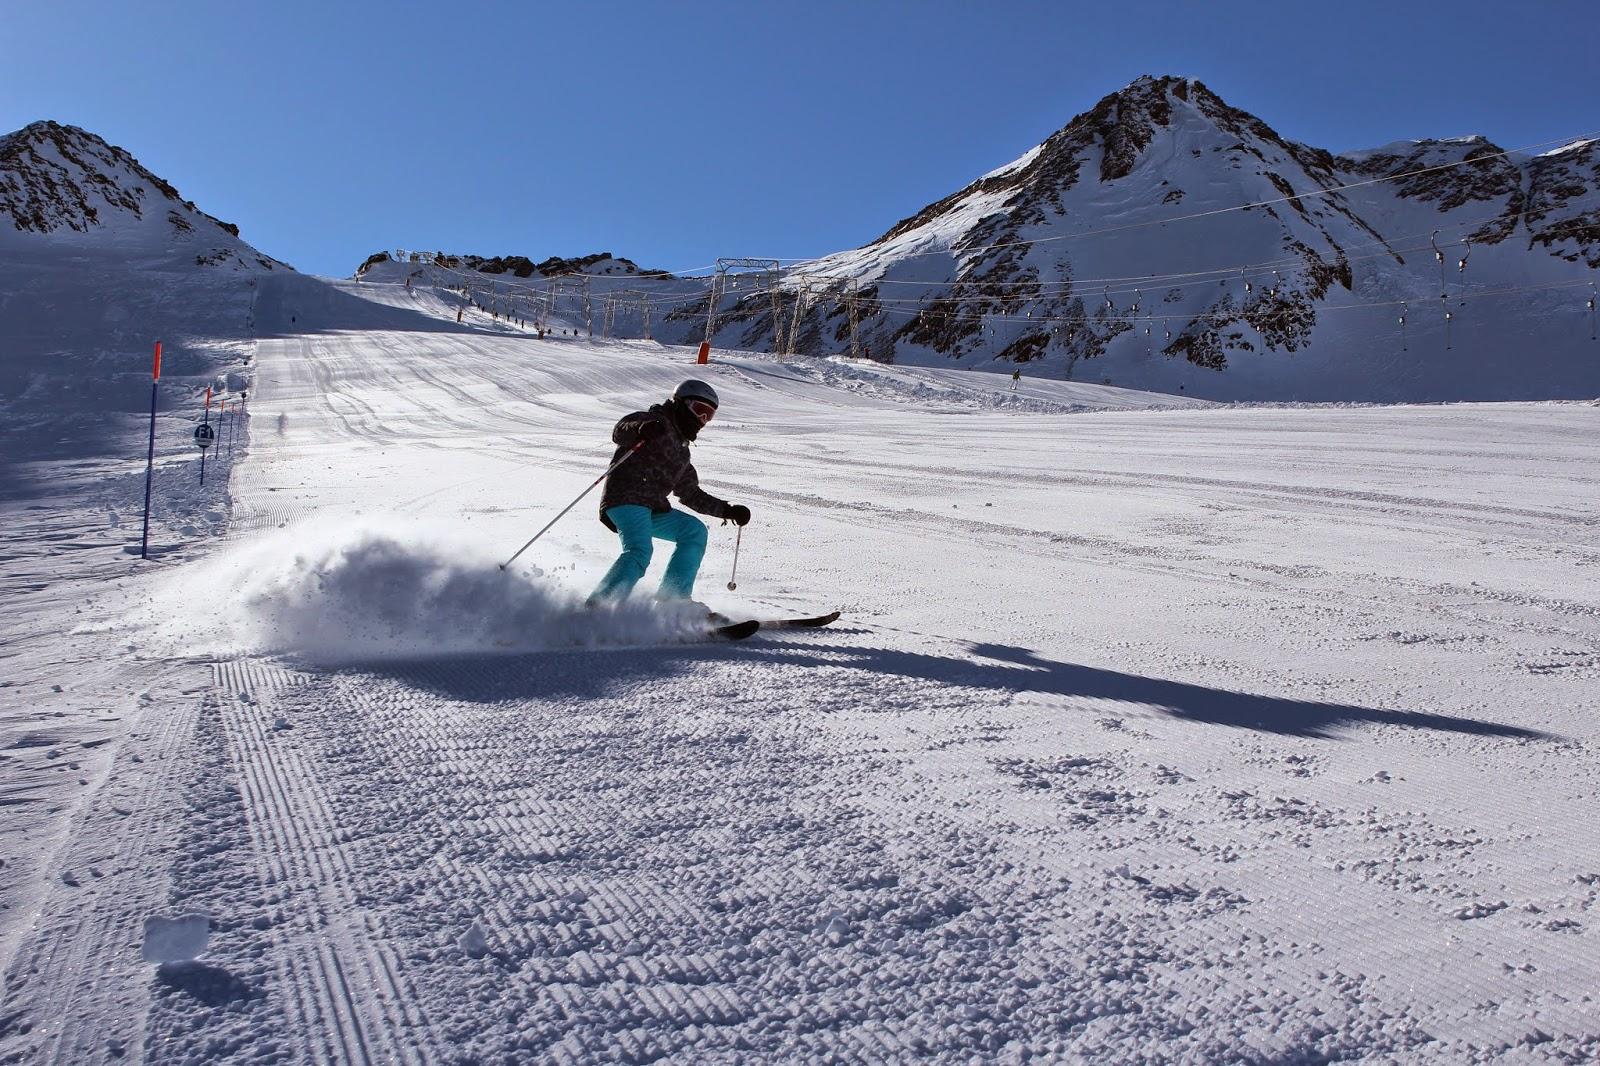 sport foto, fotografia sportowa dzieci narty, zdjęcia na sniegu, zdjęcia w słońcu jak robić